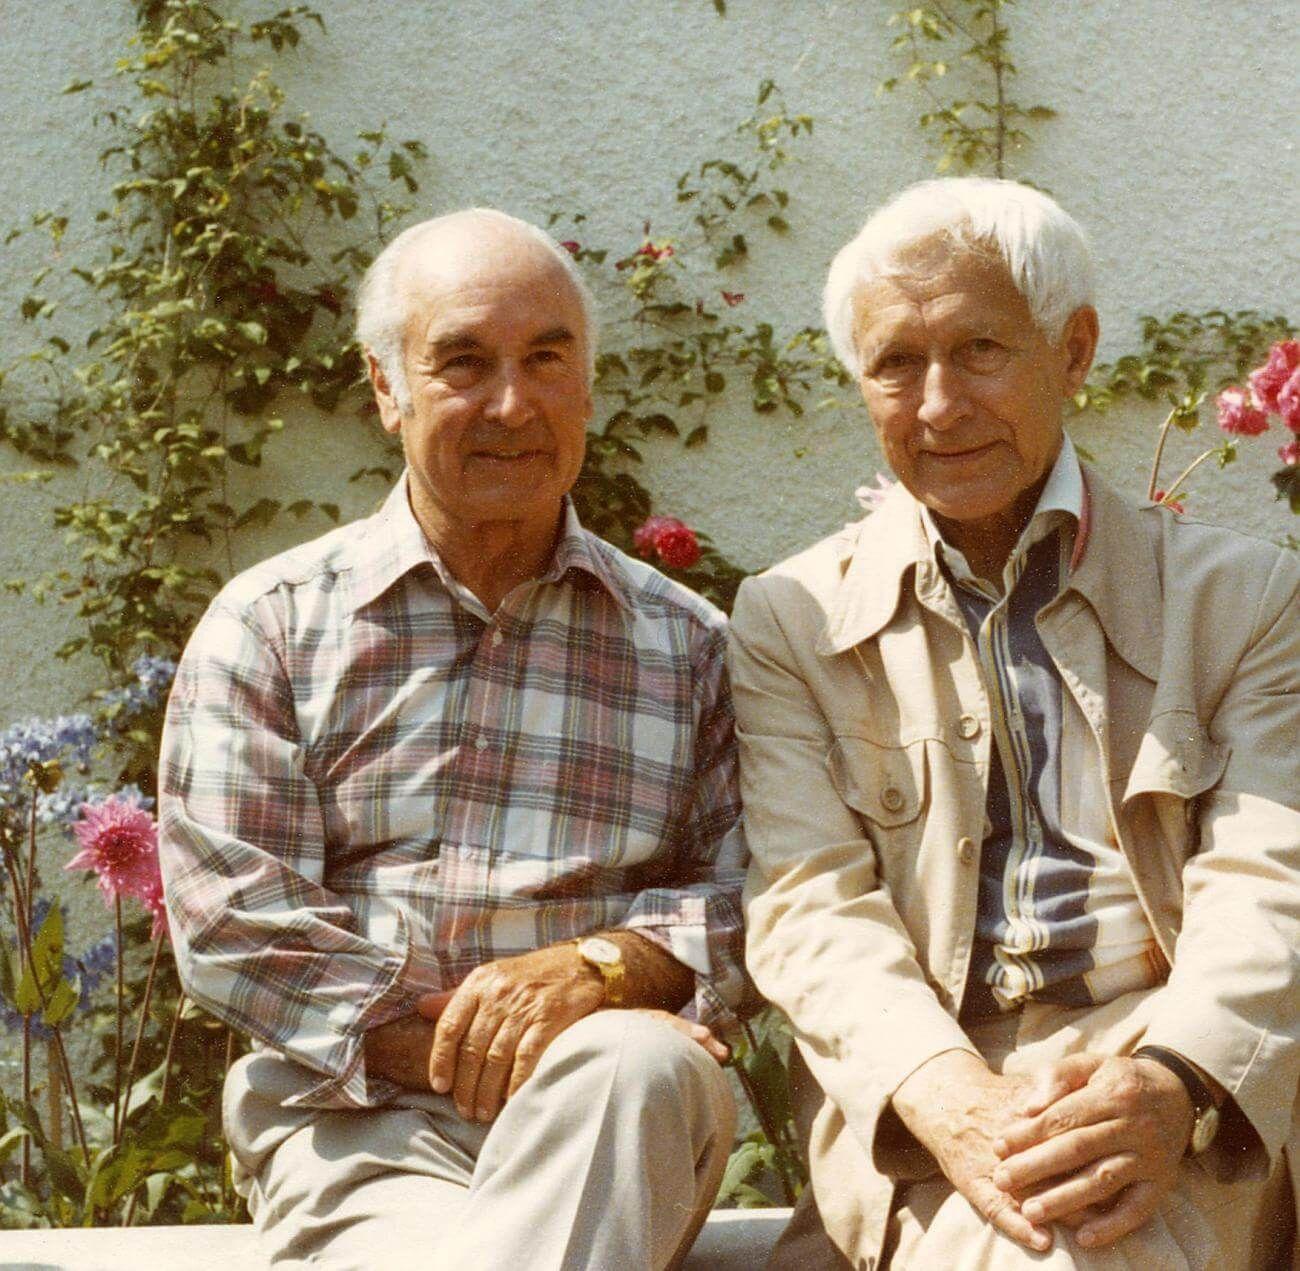 Швейцарский химик Альберт Хофманн иЭрнст Юнгер несколько раз вместе принимали ЛСД. Источник: barbadillo.it